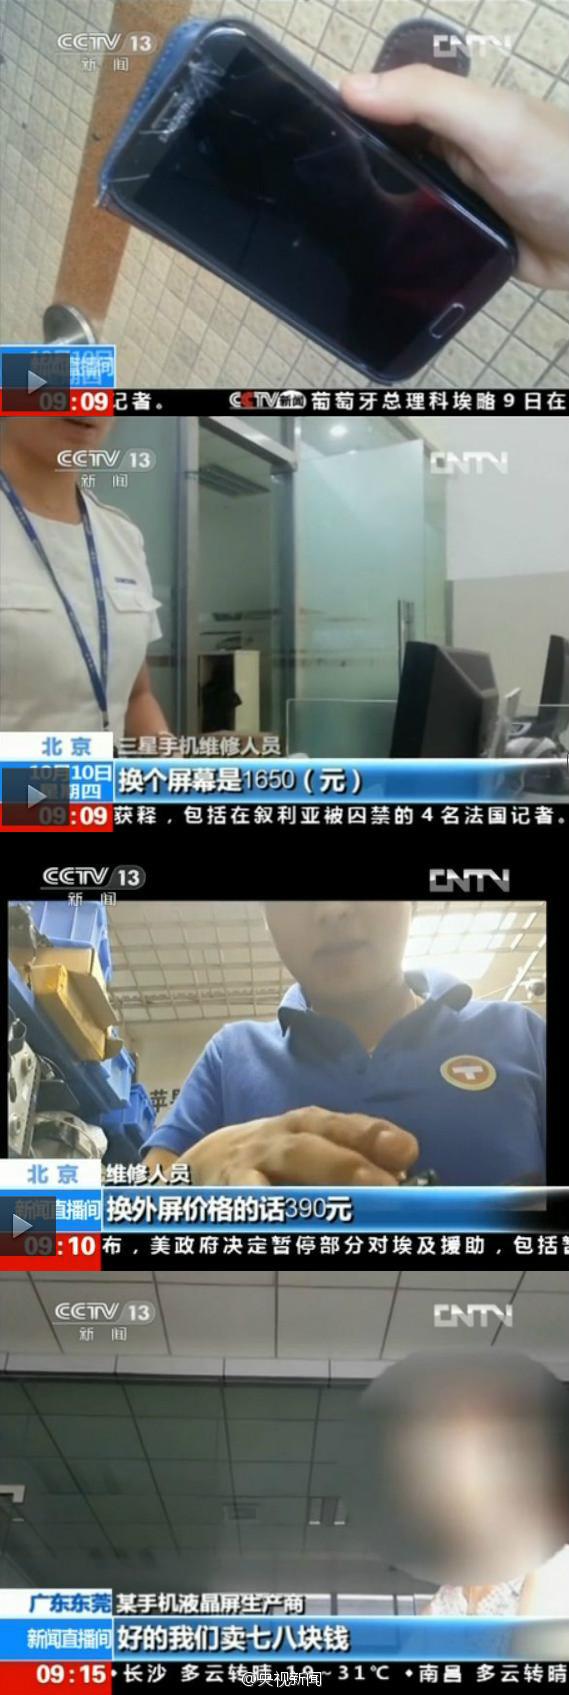 央视曝手机屏幕维修暴利成本8元维修要1650